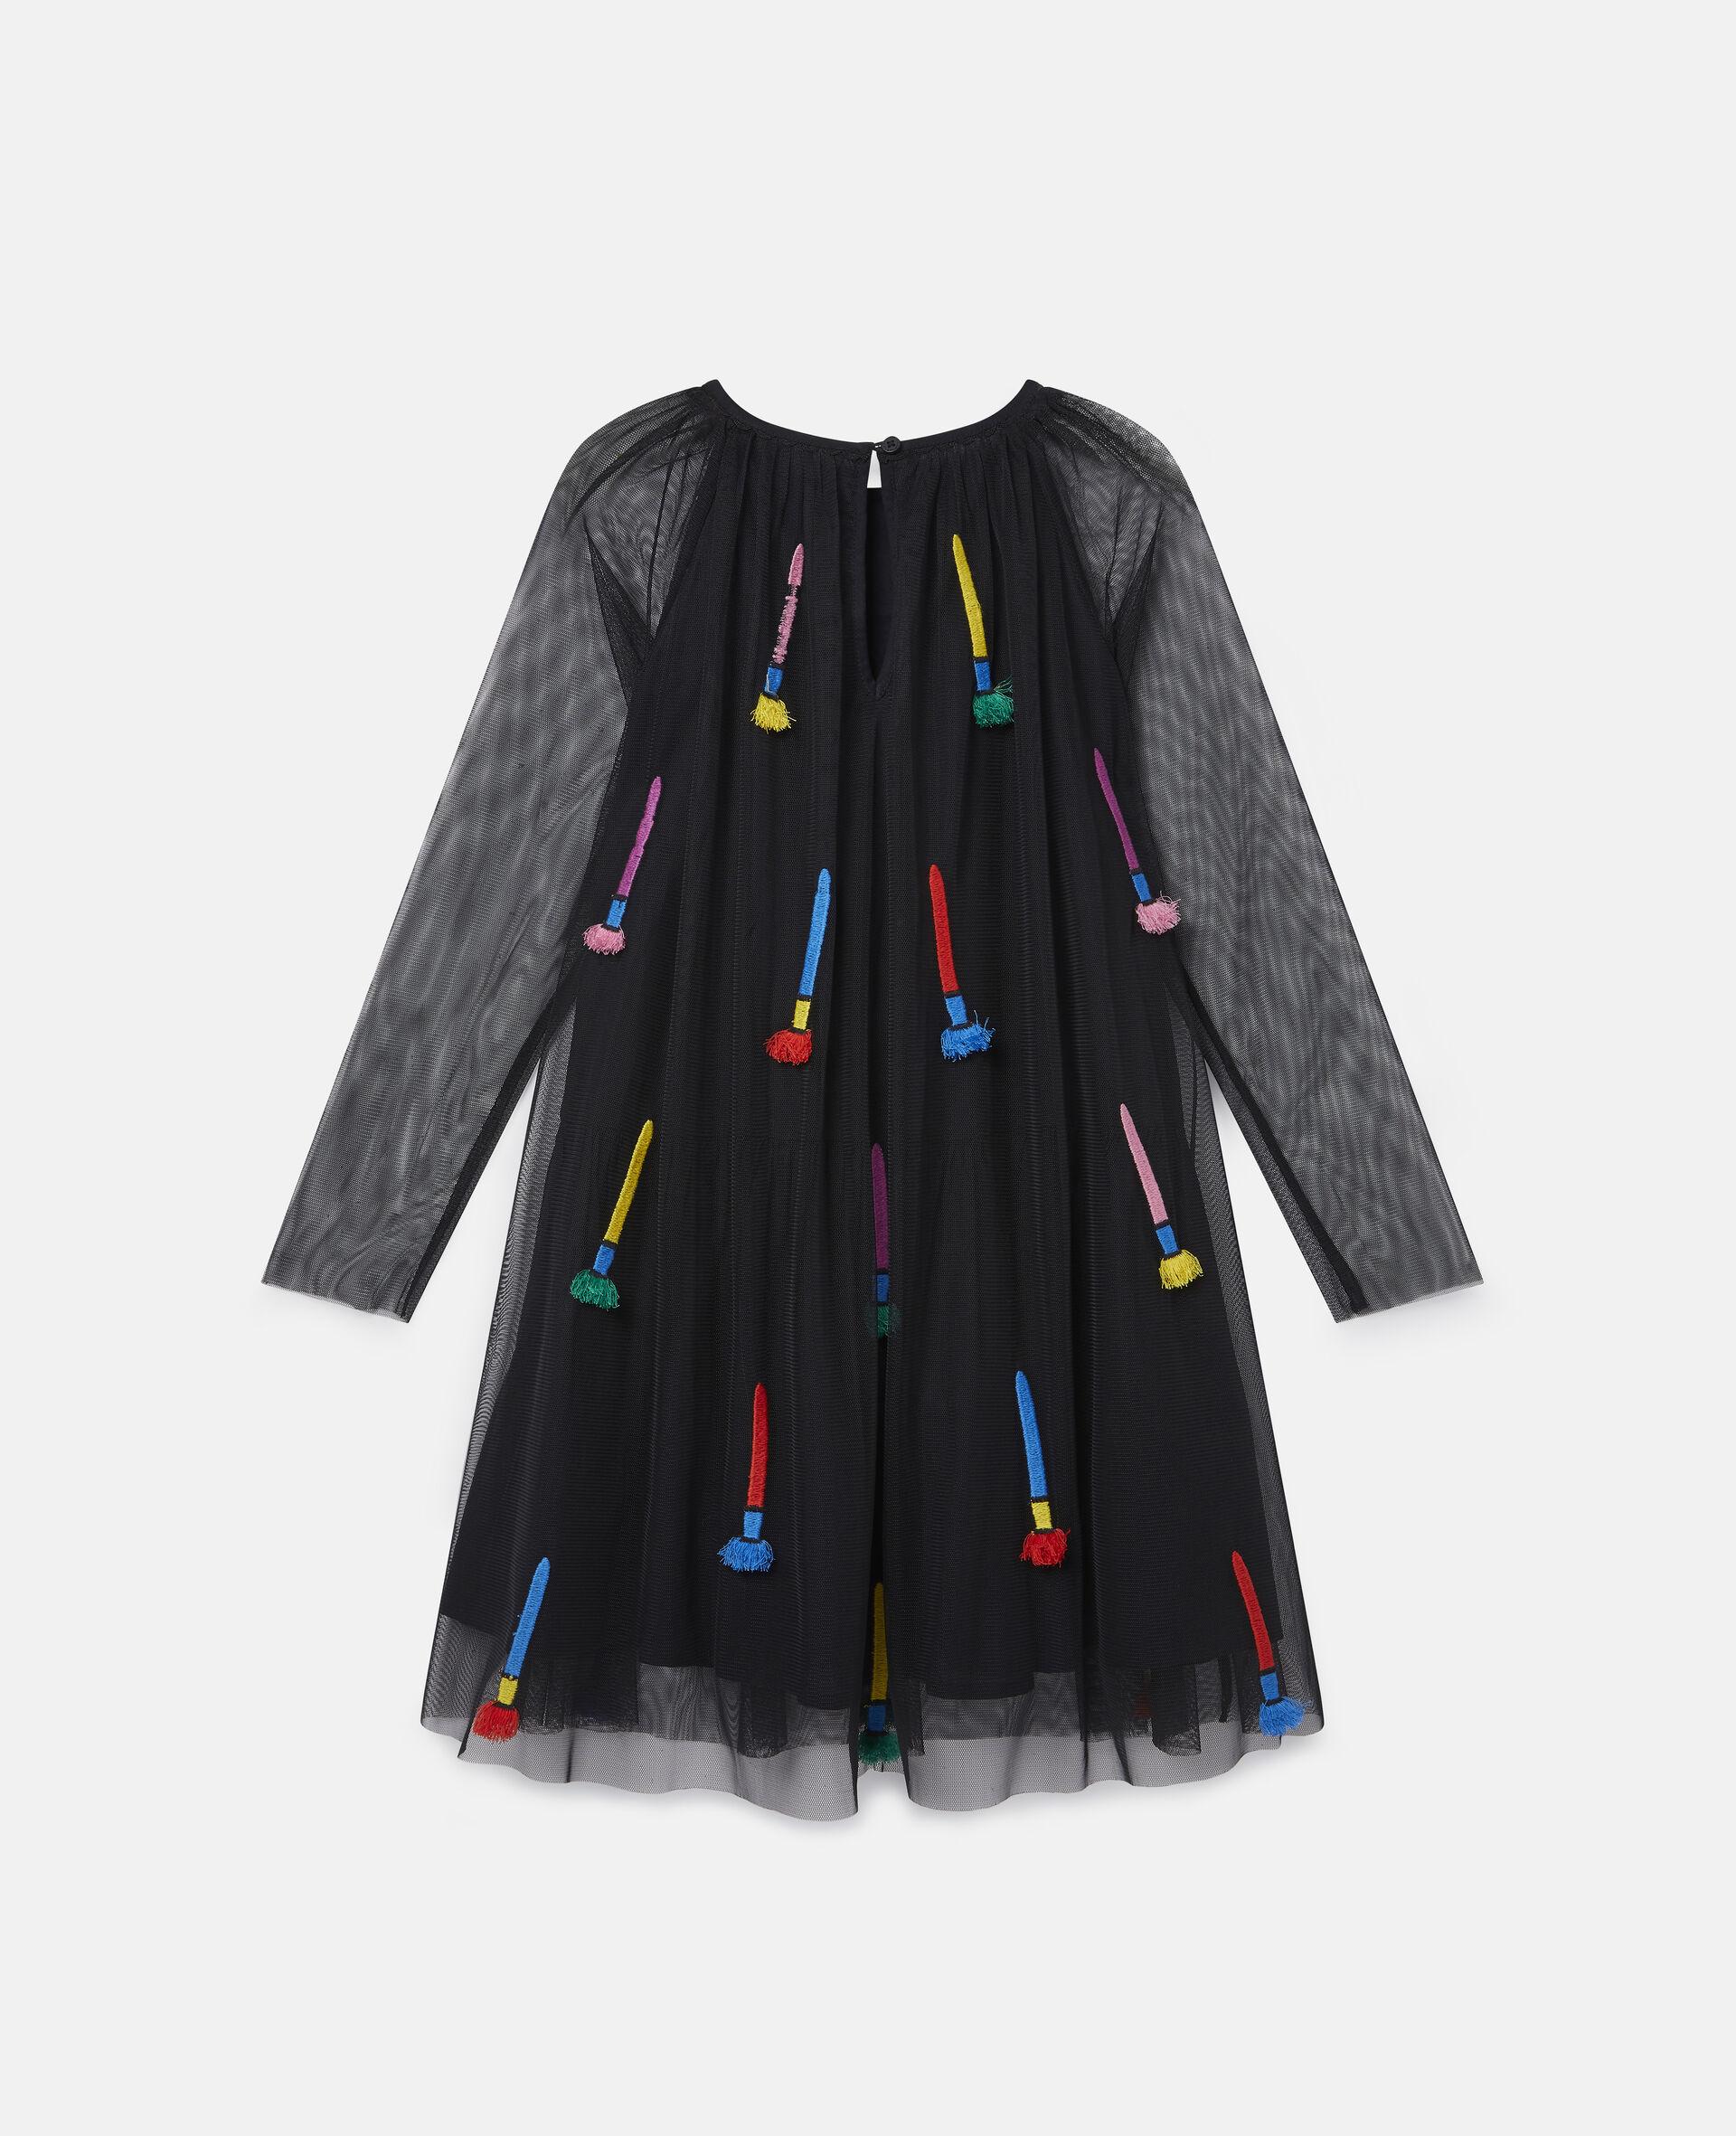 Kleid aus Tüll mit Pinsel-Stickerei-Schwarz-large image number 3